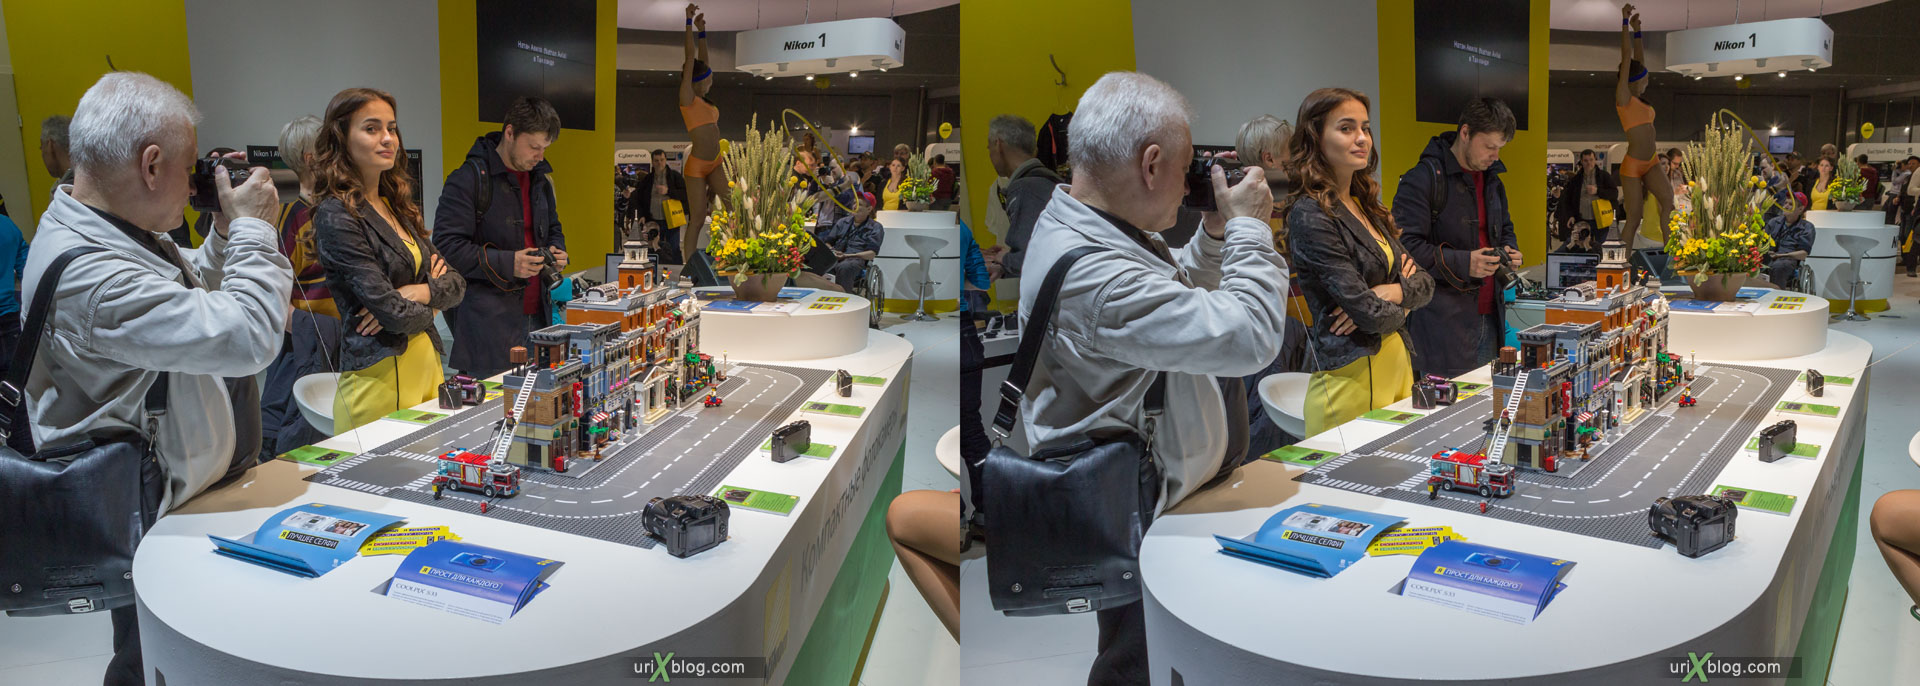 модель, девушка, Фотофорум, Крокус Экспо, выставка, Москва, Россия, 3D, перекрёстная стереопара, стерео, стереопара, 2015